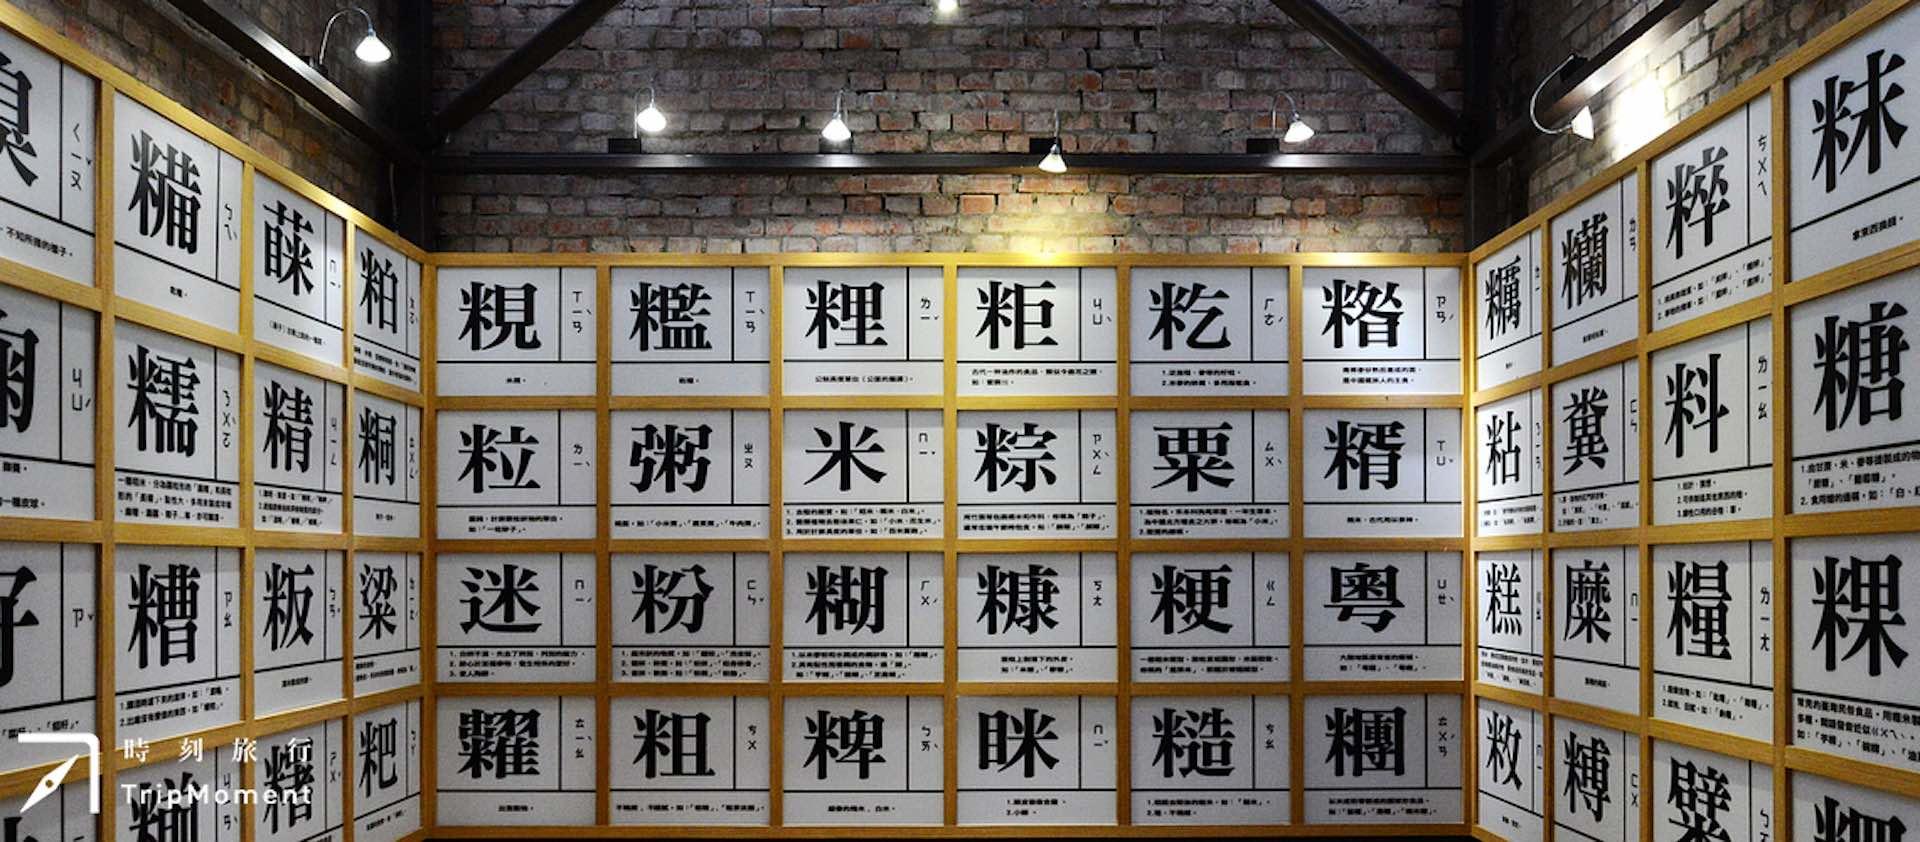 宜蘭穀倉稻農文化館》80年歷史老穀倉,重現米食文化韻味